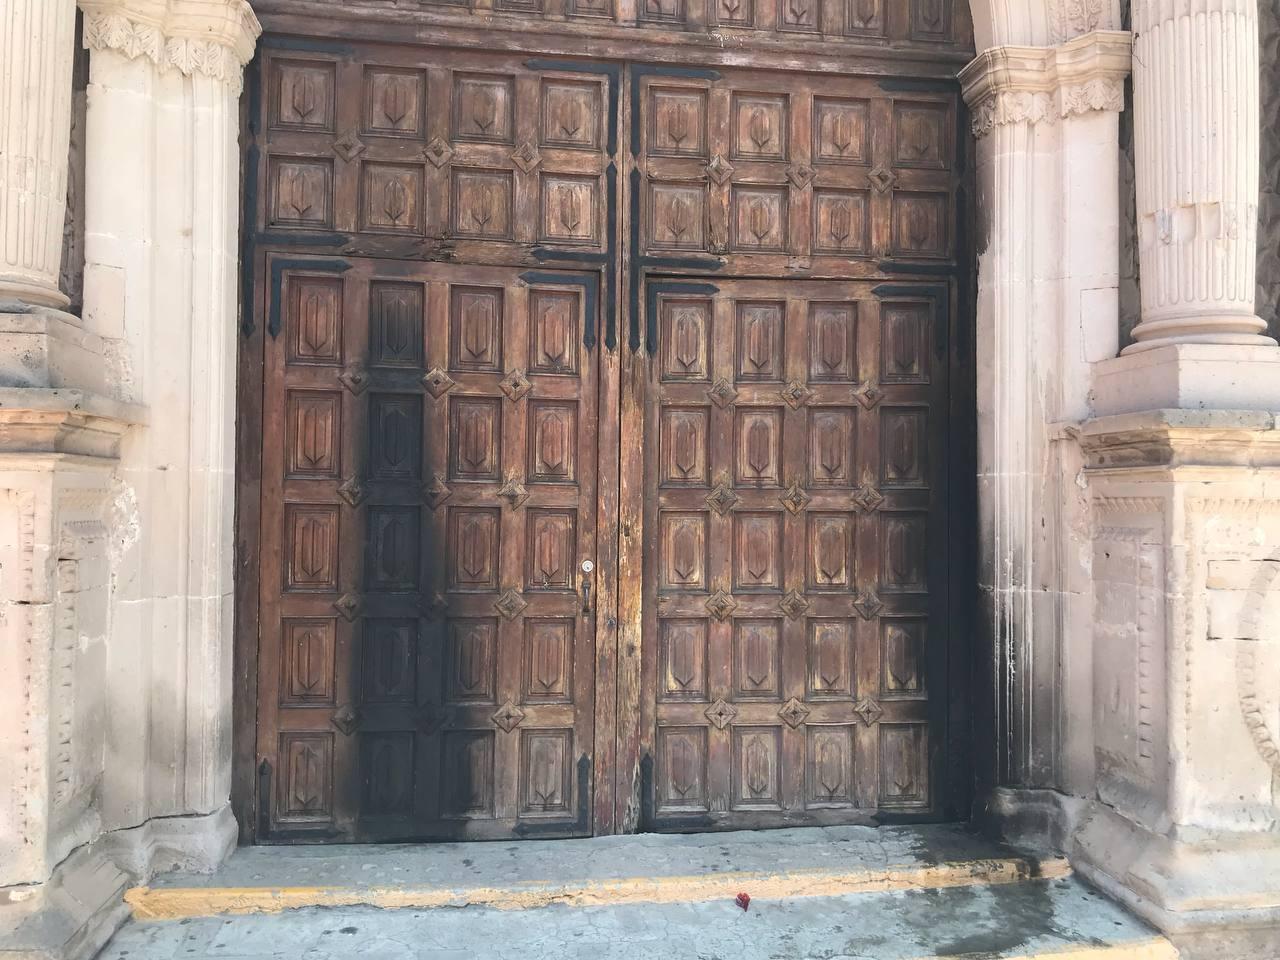 El seguro podría pagar reparación de daños en iglesia